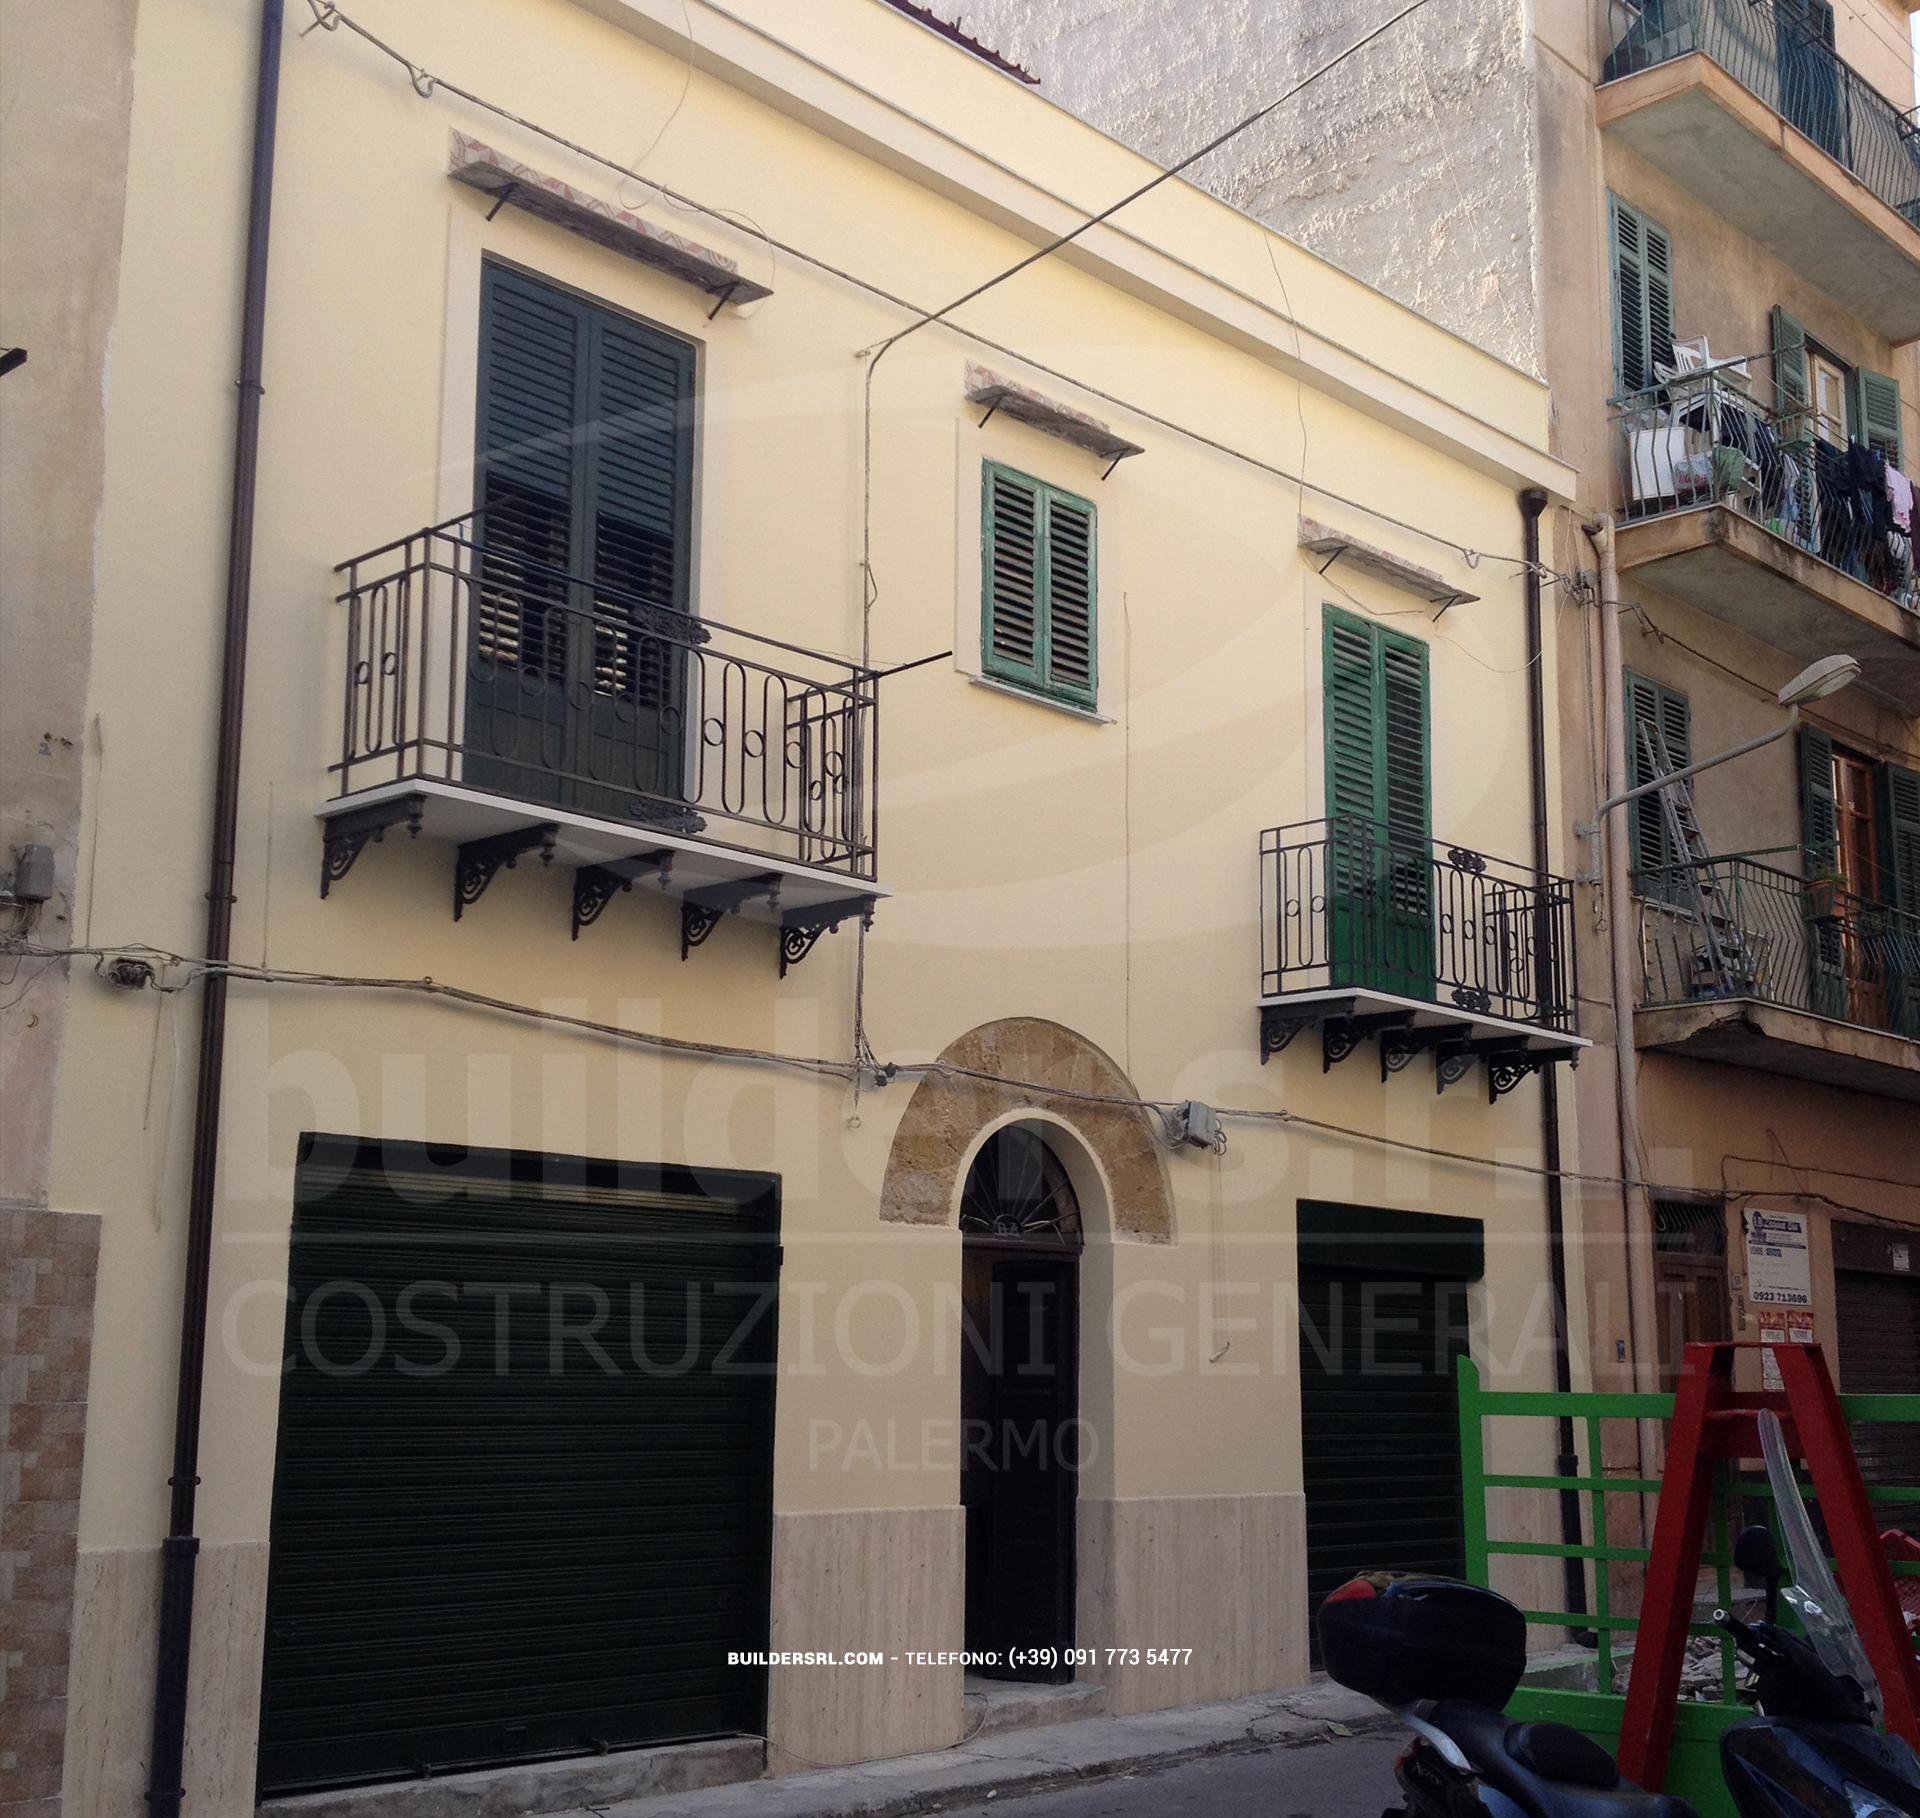 Ristrutturazione completata. - La manutenzione ordinaria è stata eseguita sia per il prospetto principale che per il tetto.